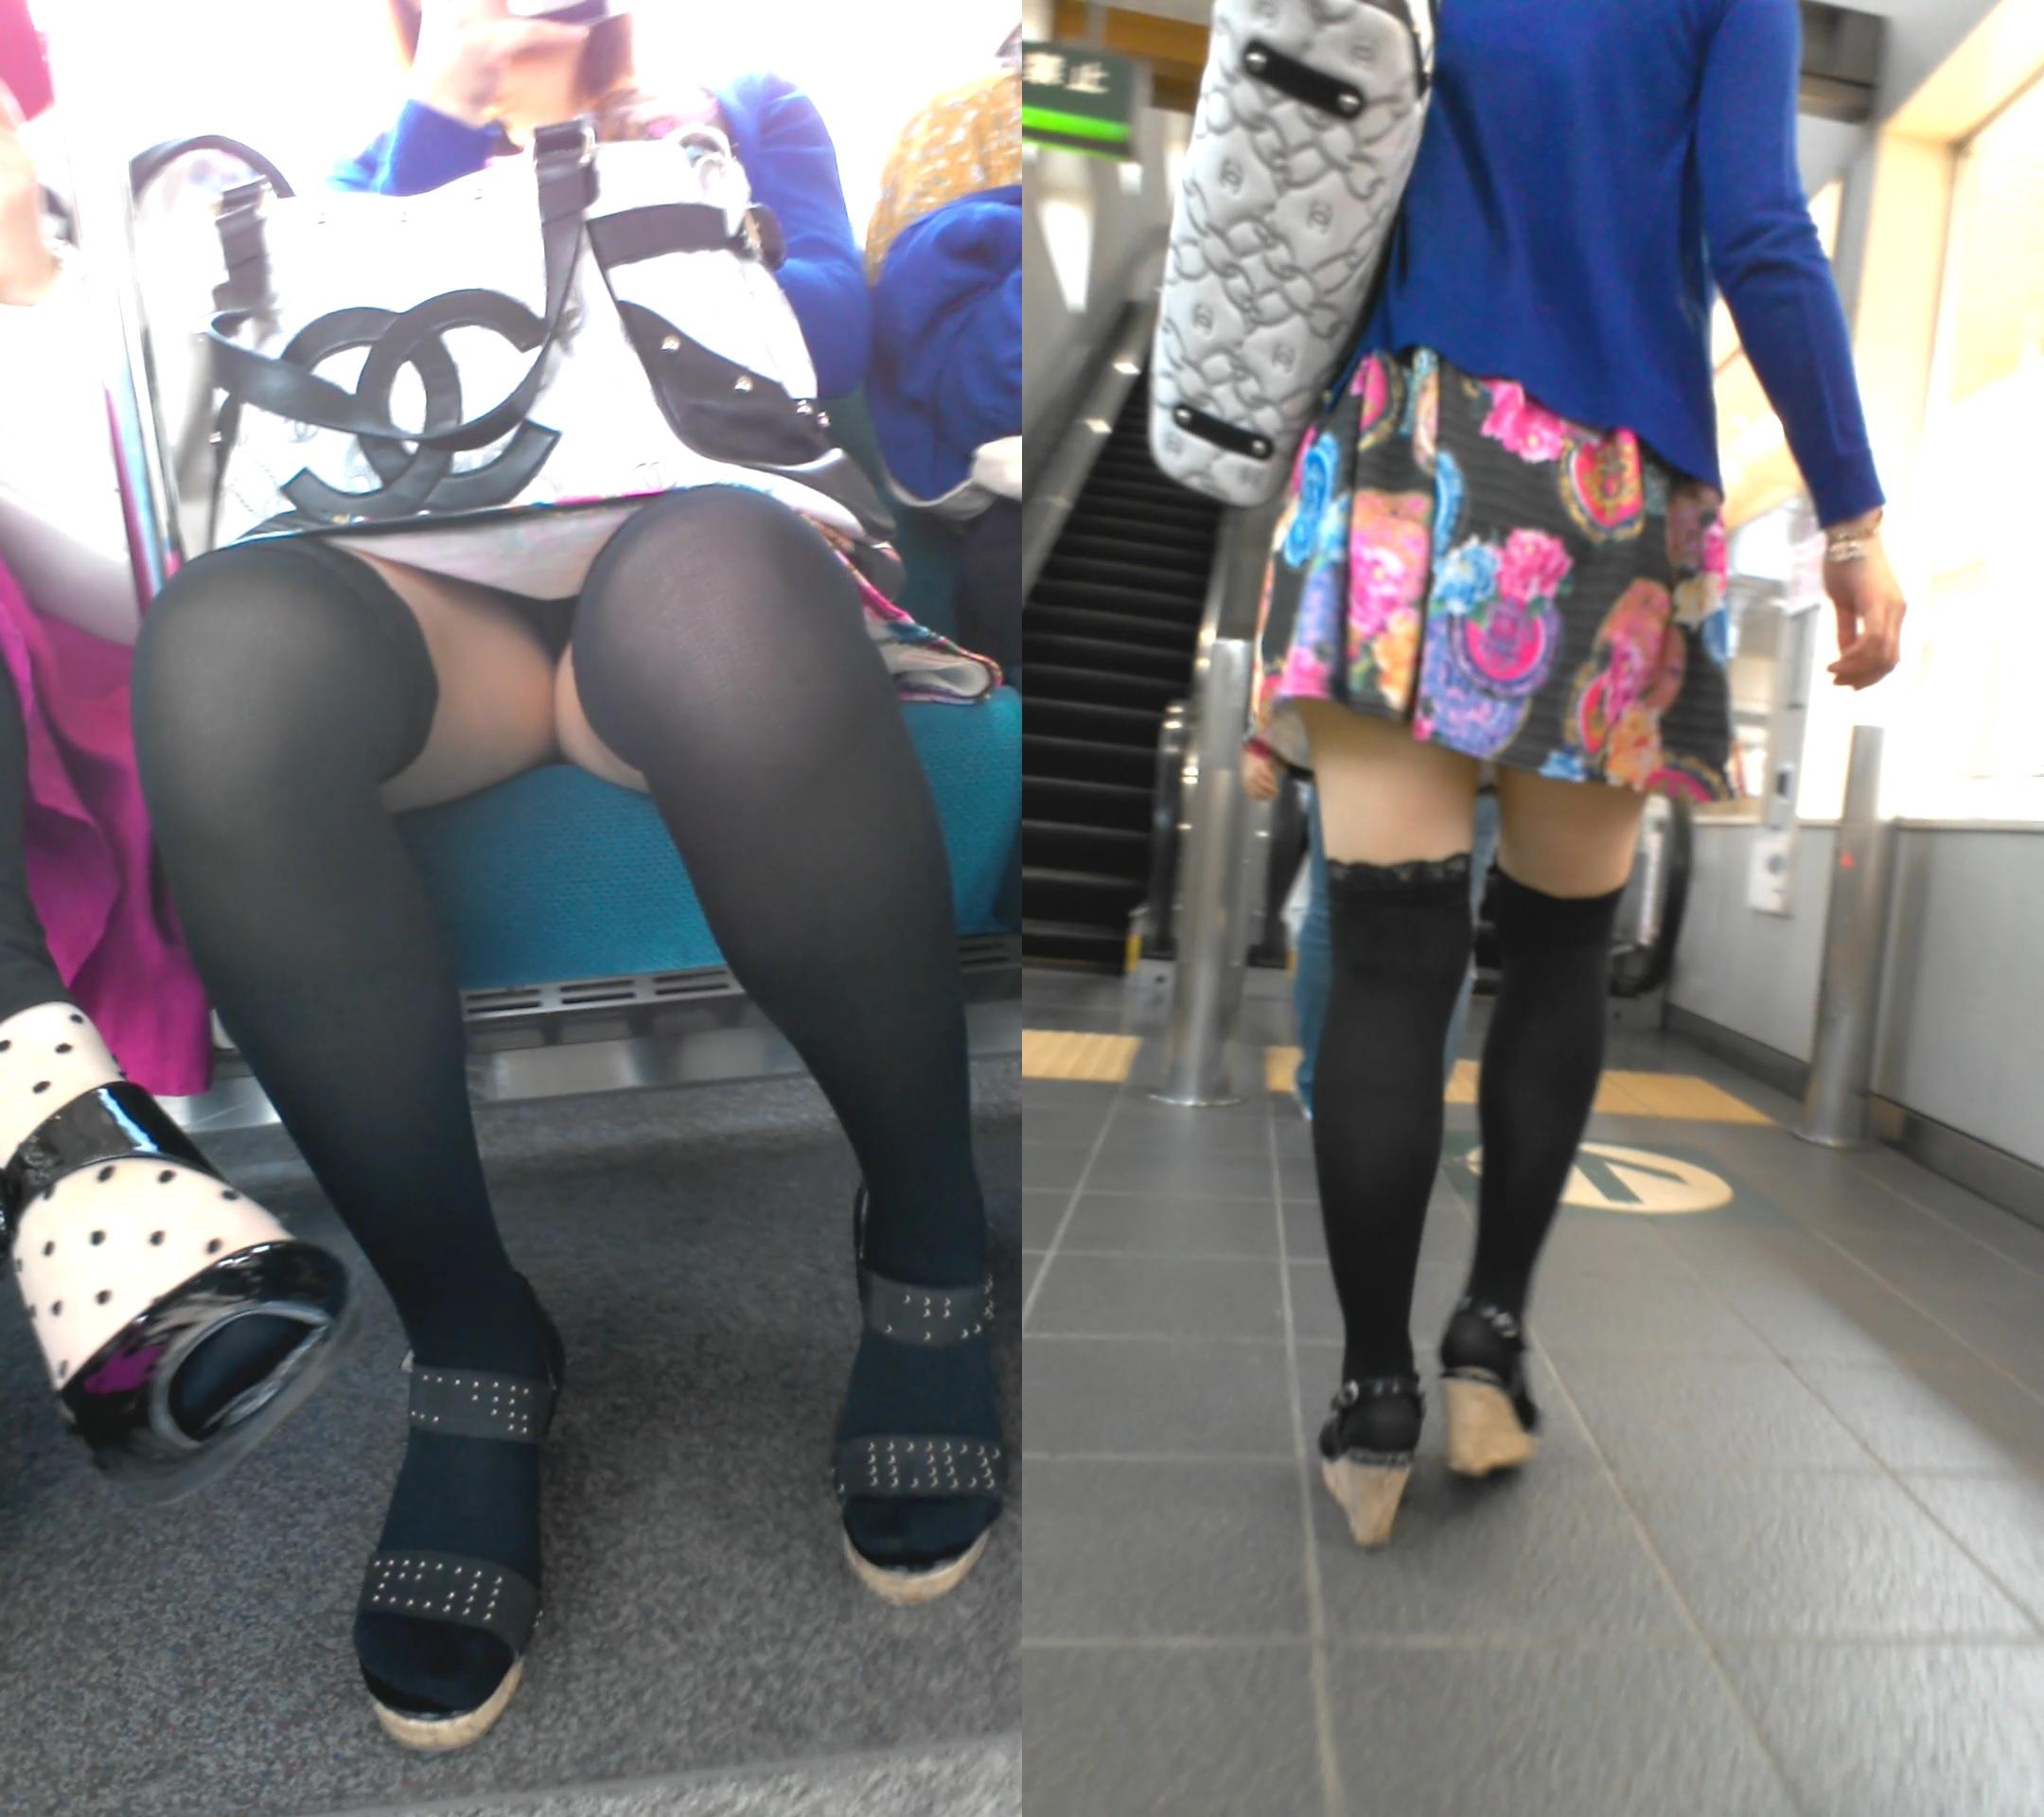 (ラッキーパンツ丸見え)列車で正面に座ってる女のパンツがチラチラ見えてるんだが